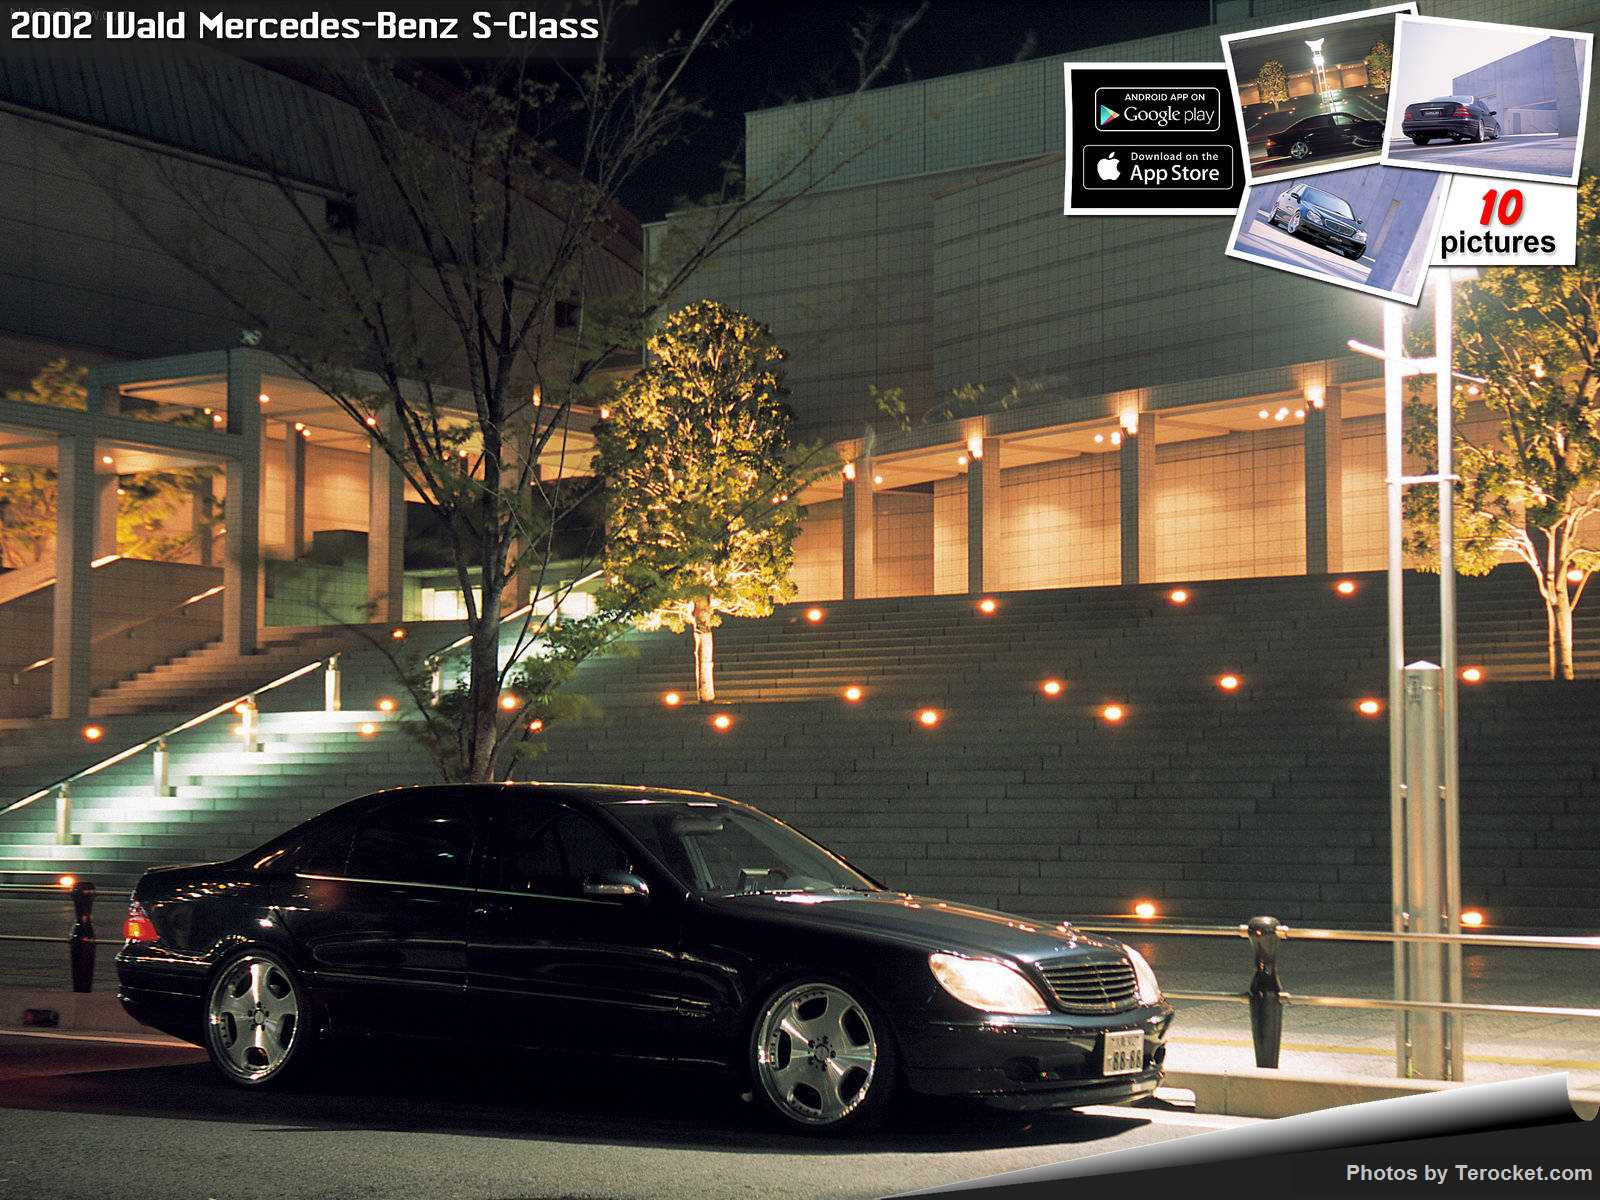 Hình ảnh xe độ Wald Mercedes-Benz S-Class 2002 & nội ngoại thất